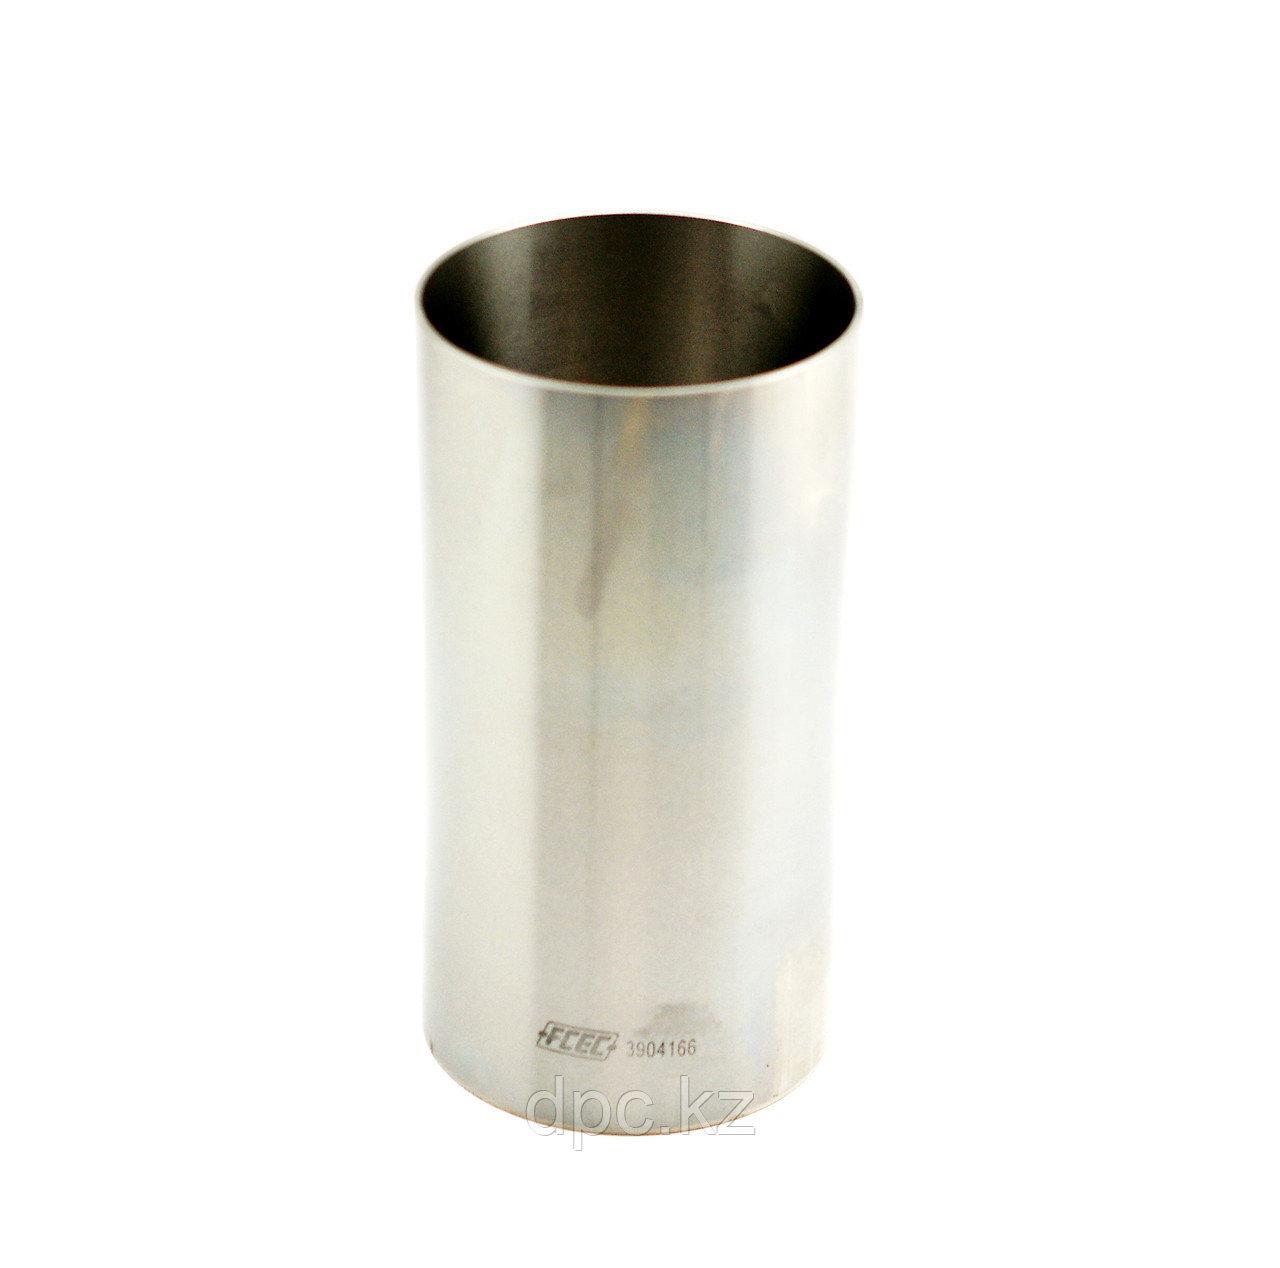 Гильза цилиндра FCEC для двигателя Cummins B серии и ISF 3.8 3904166 3900396